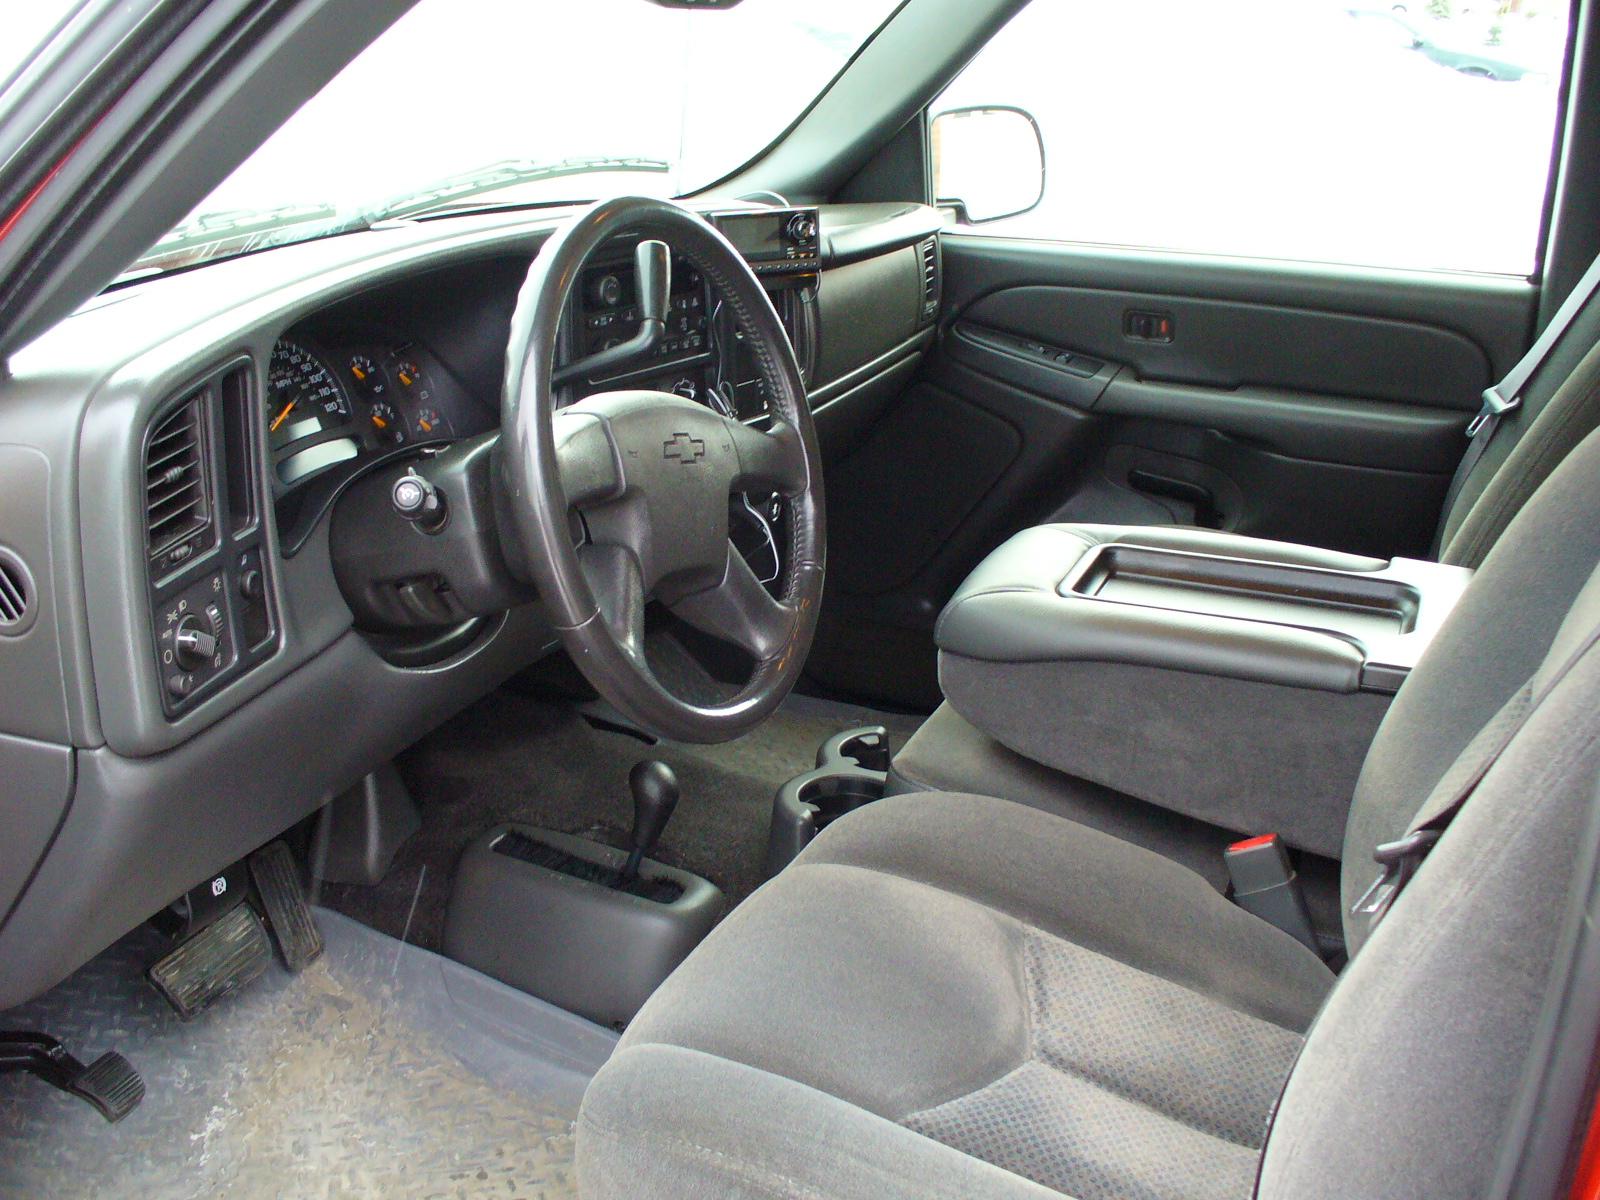 2004 Chevy Silverado Interior